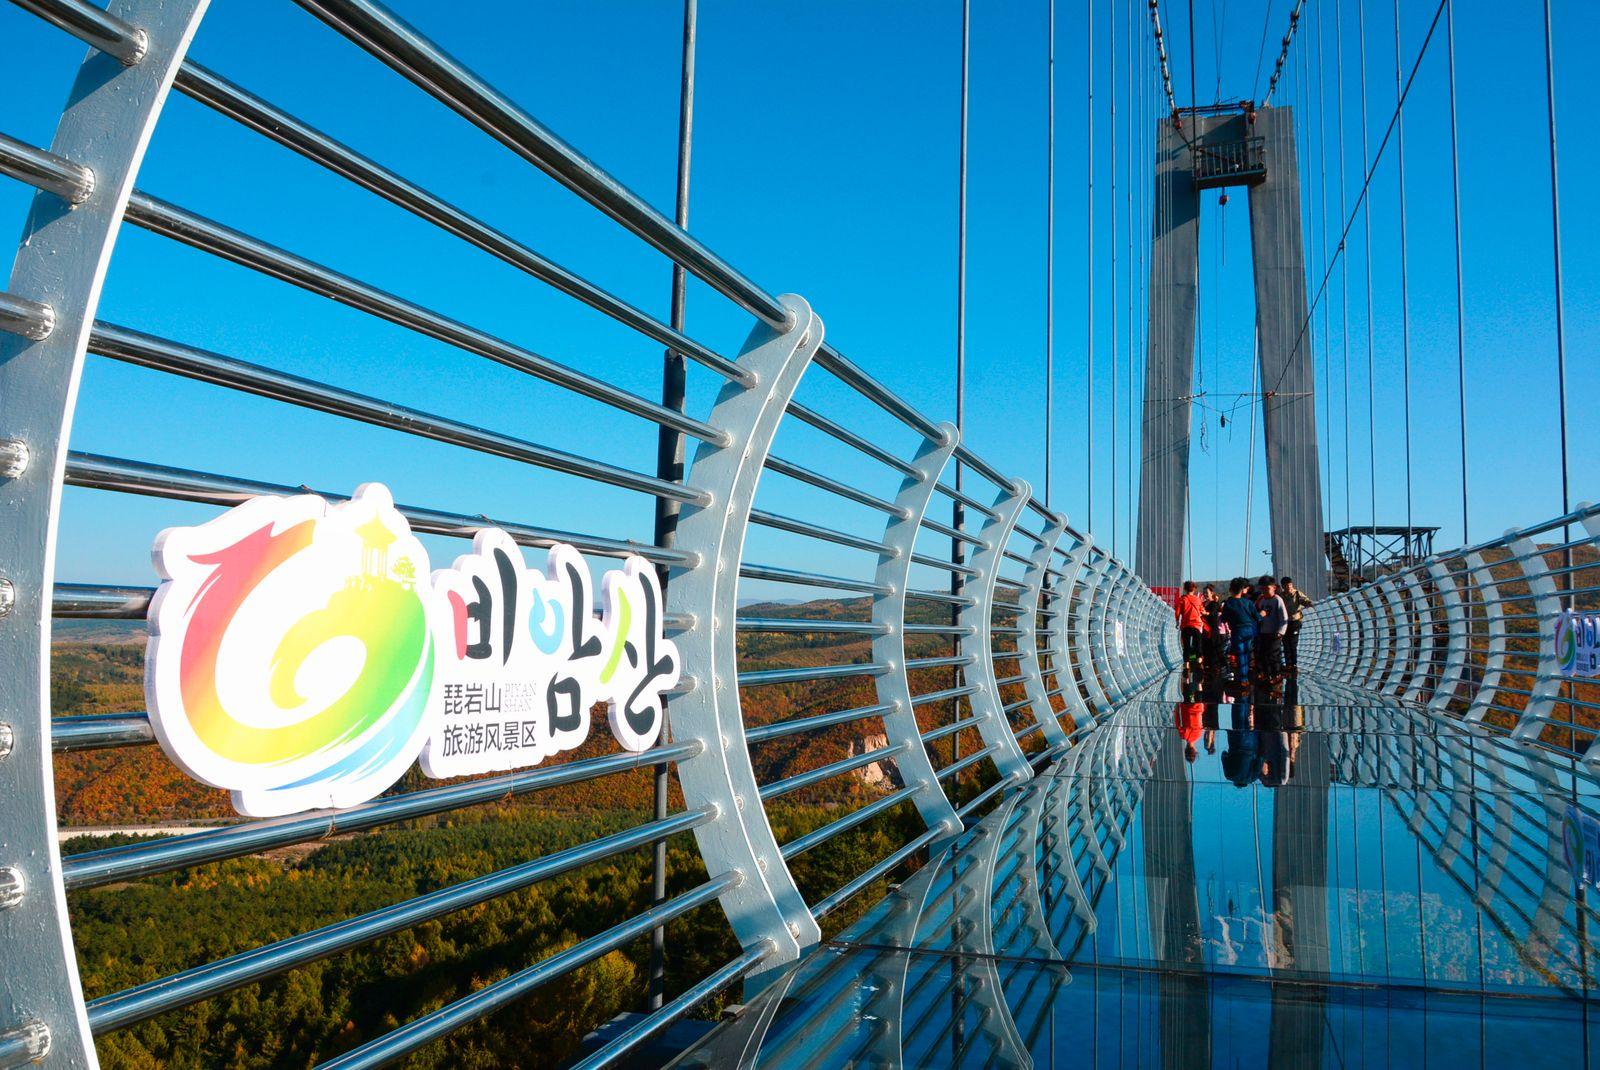 CHINA JILIN YANBIAN LONGJING GLASS-BOTTOMED BRIDGE